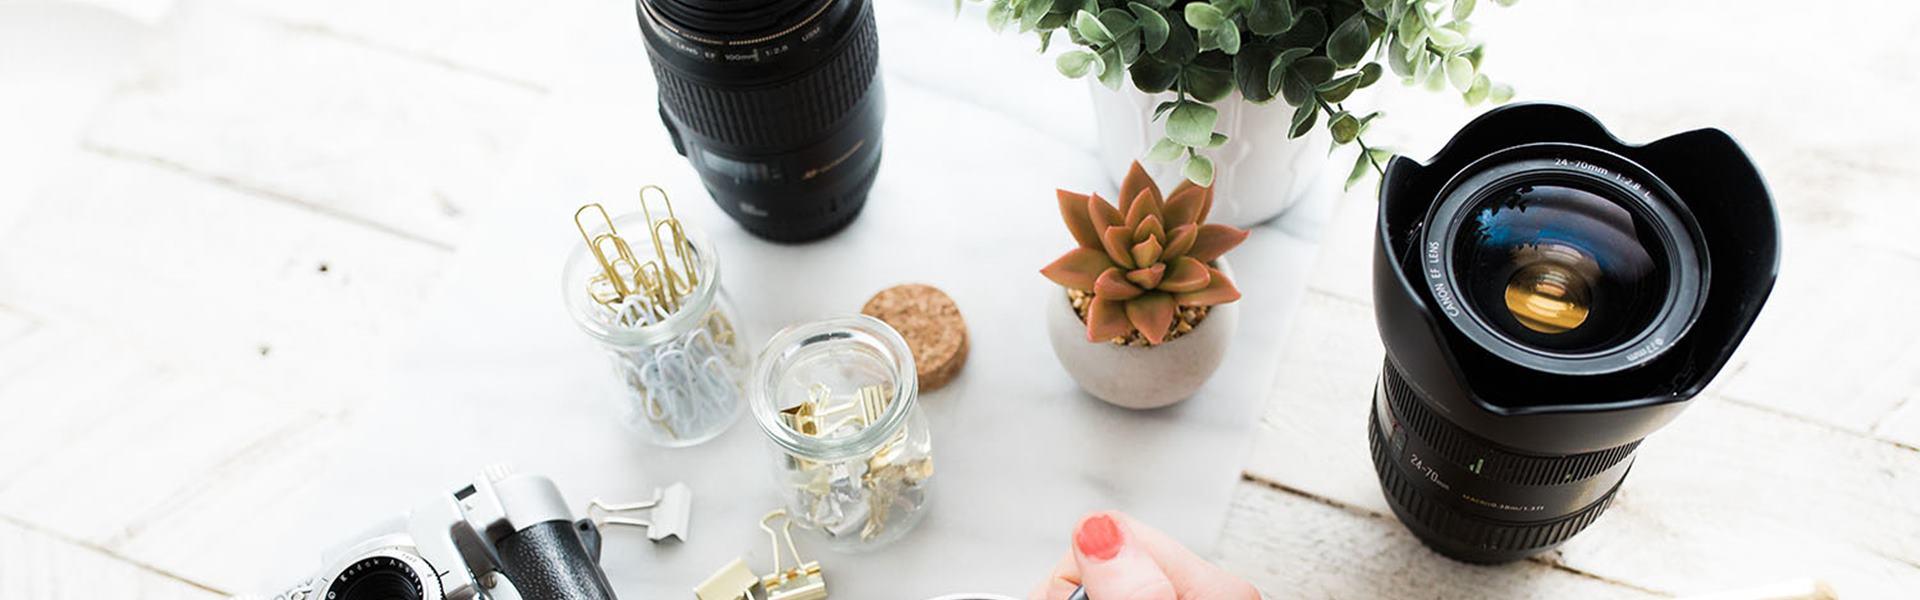 Что нужно, чтобы стать фотографом: разбираемся с навыками, качествами и оборудованием